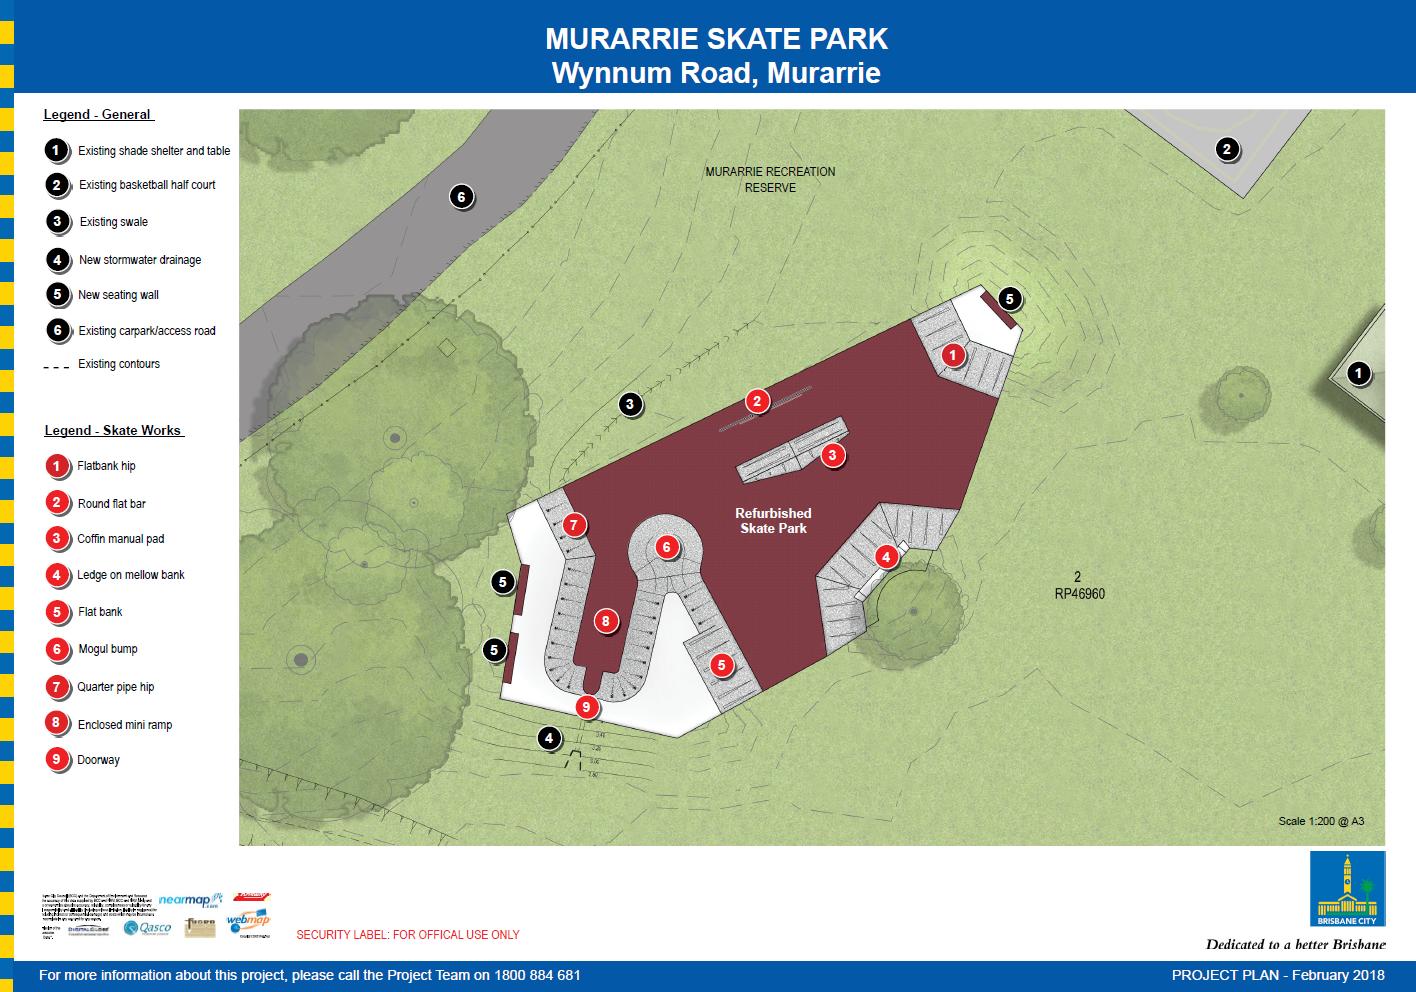 Murarrie Skate Park project plan - February 2018